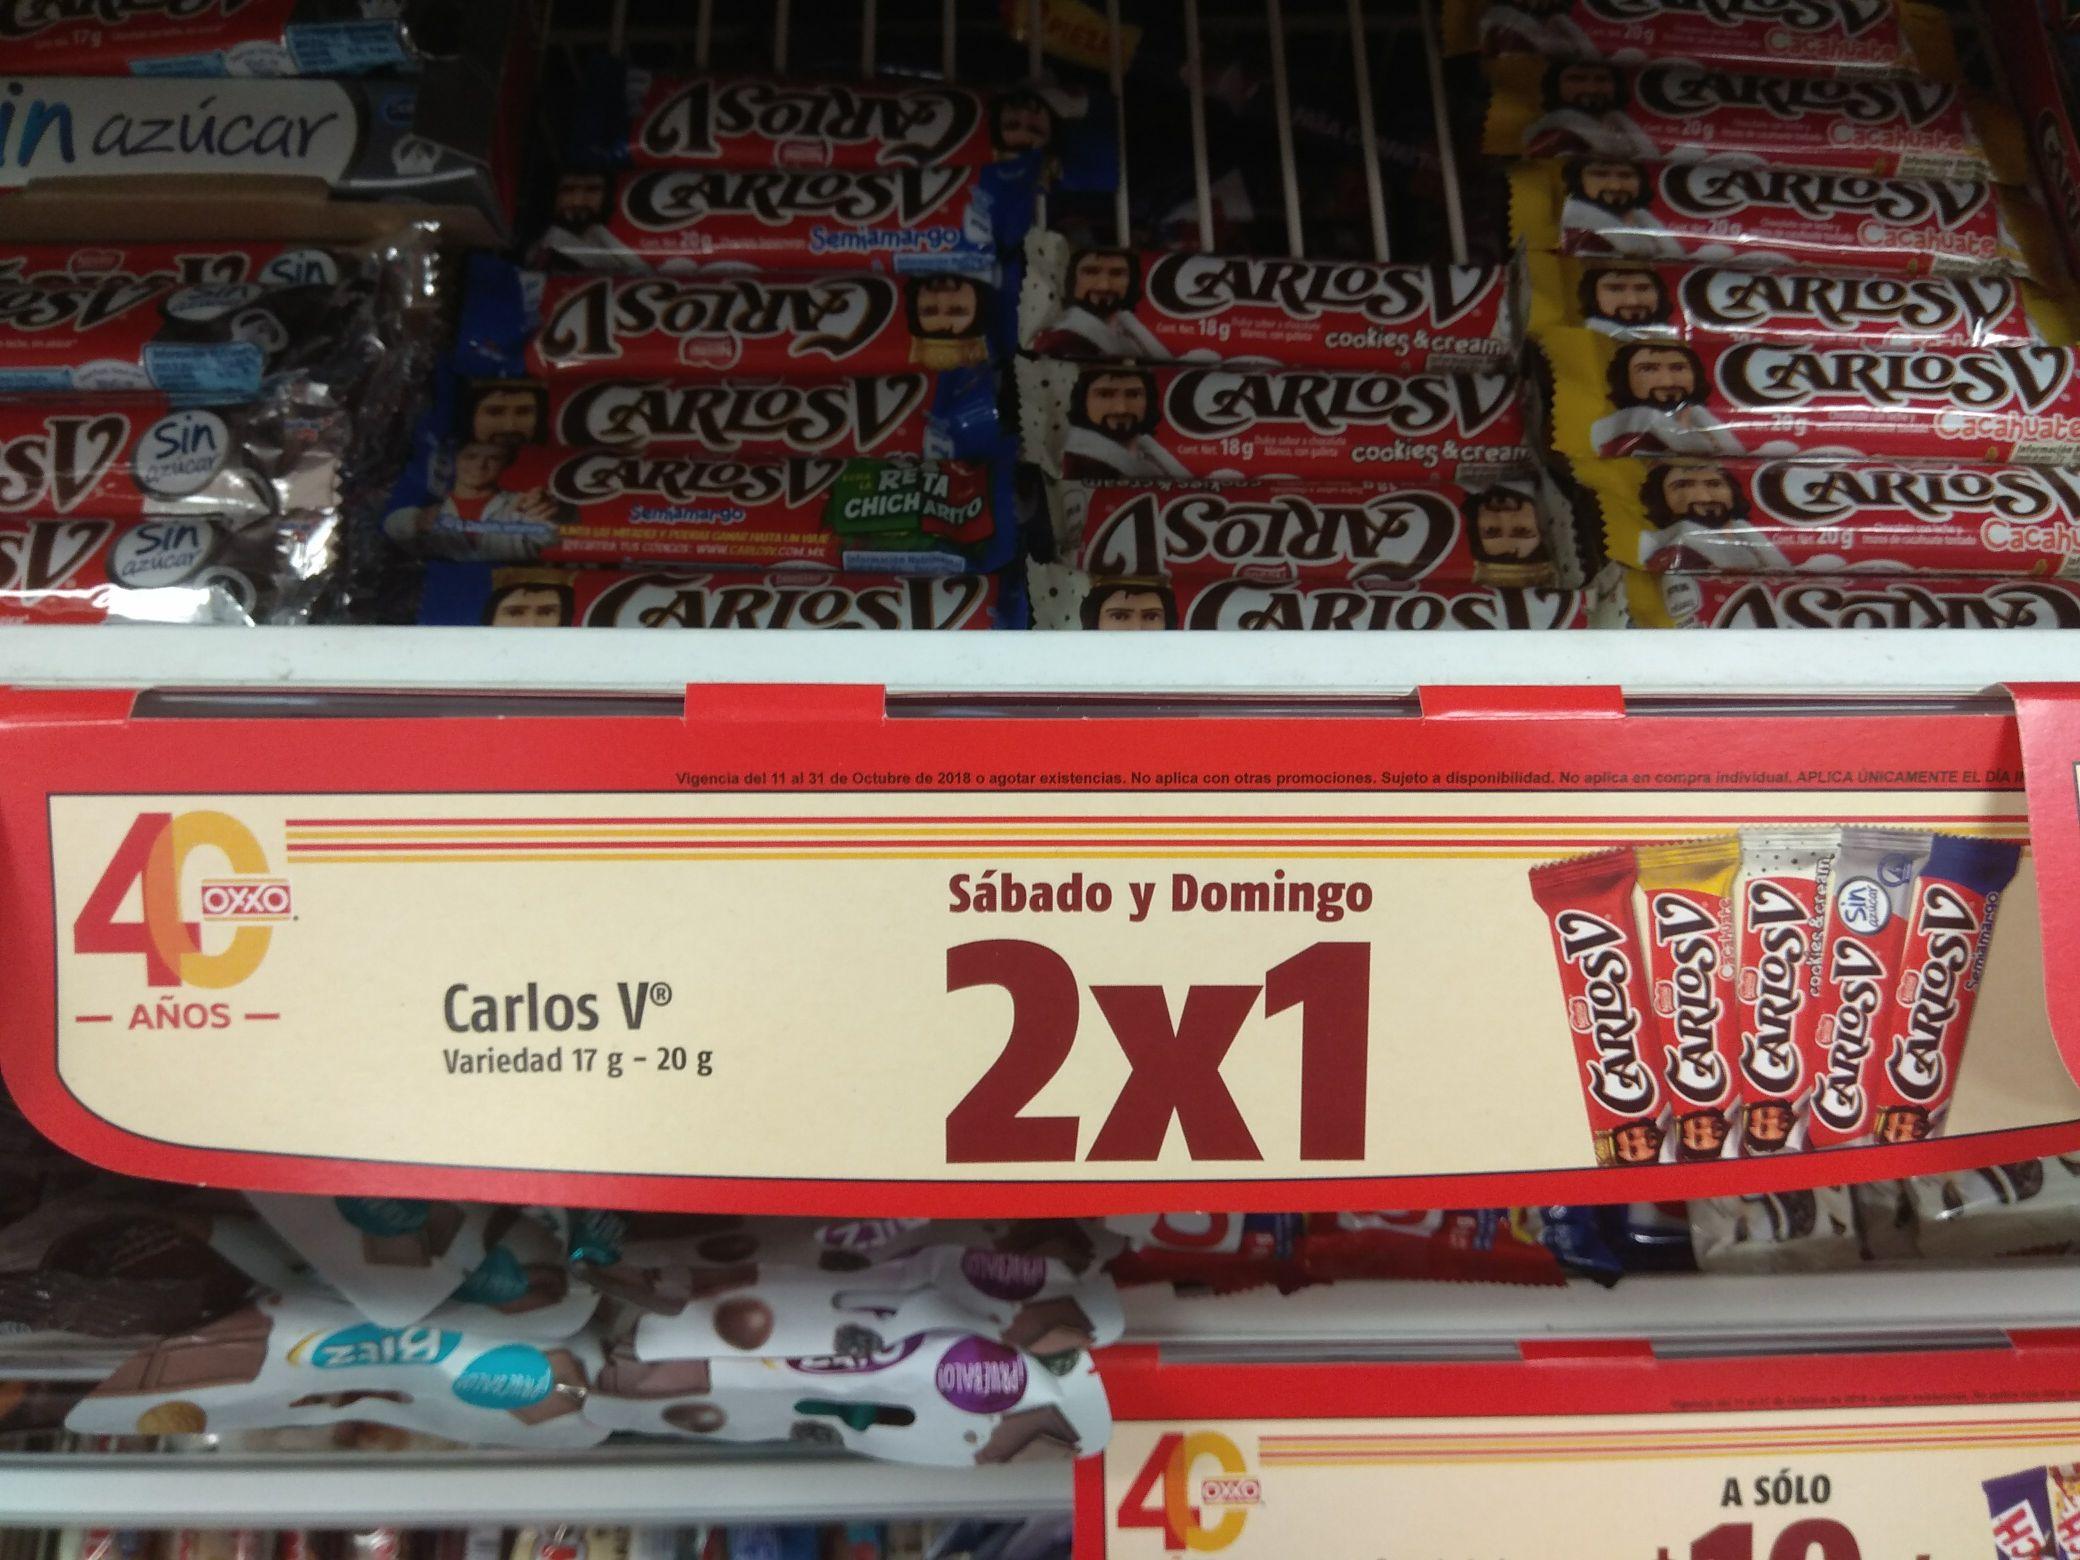 Oxxo: Carlos V varios sabores al 2x1 Sábados y Domingos